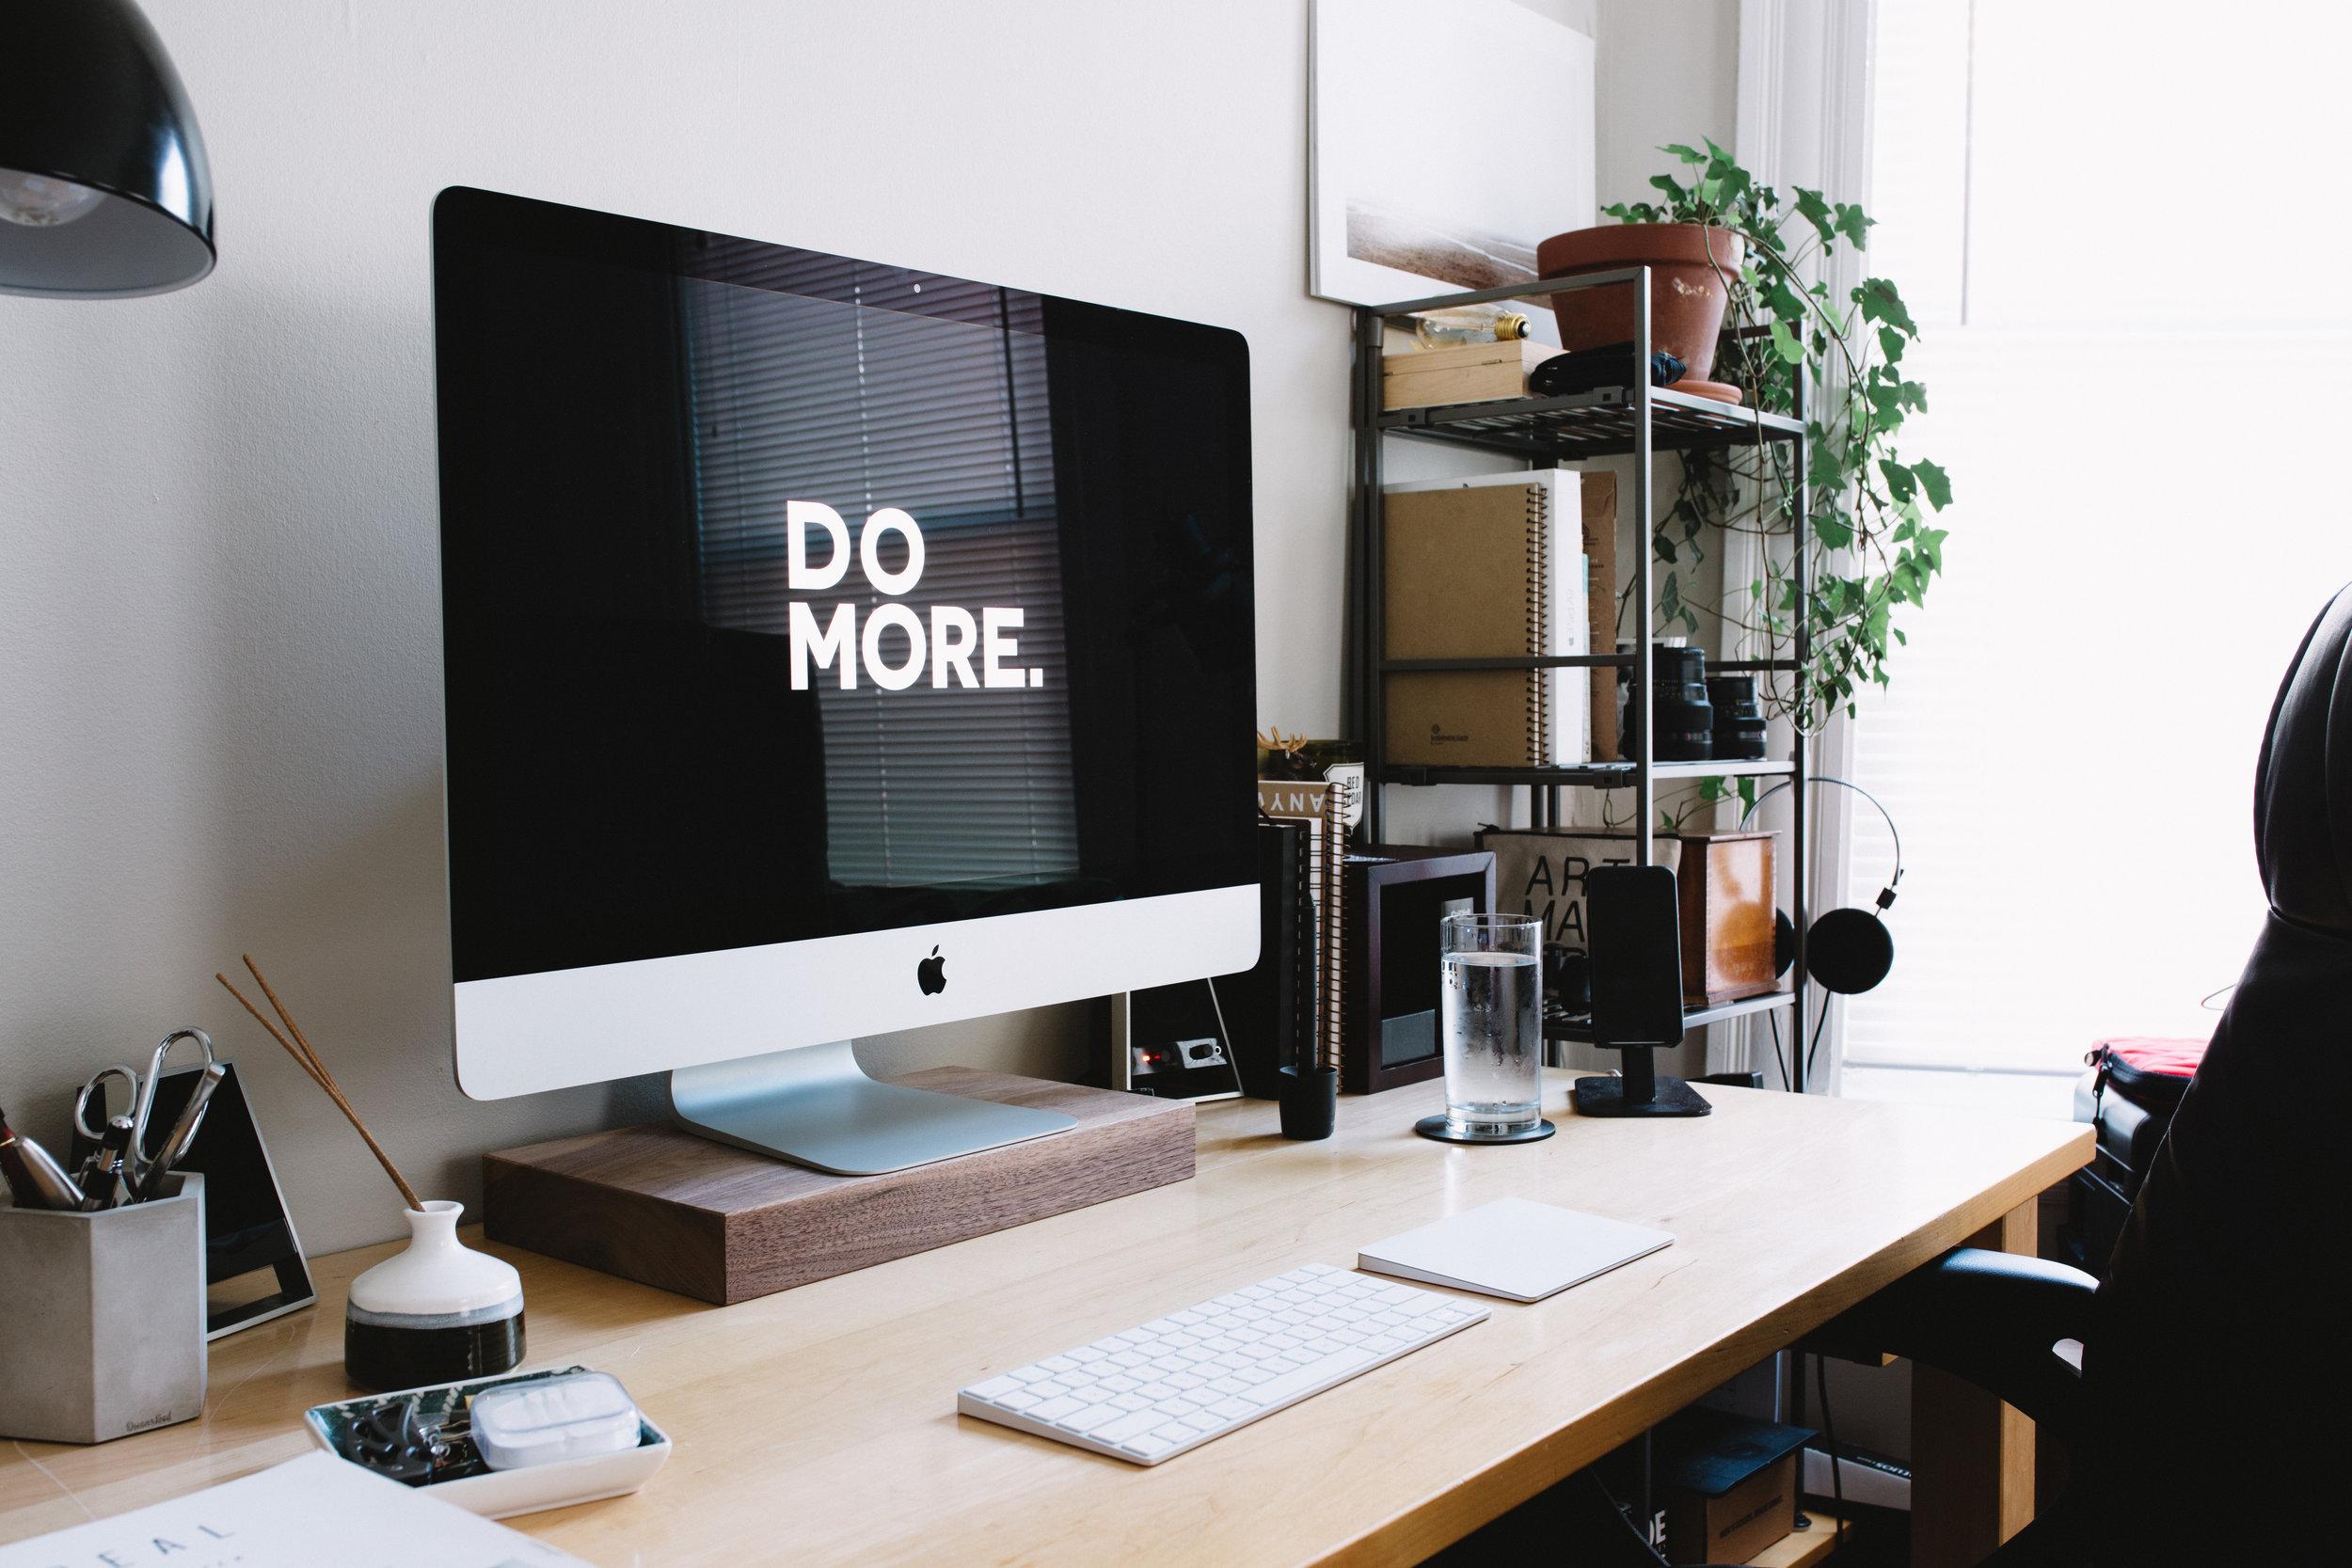 Hva vi gjør - Se på oss som en digital markedsfører for din bedrift. Vi hjelper med synlighet og kommunikasjon til riktig målgruppe, noe vi gjør gjennom kontinuerlig analyse og smart optimalisering av dine digitale kanaler.Visjonen vår er å ligge helt fremst når det kommer til de nyeste og beste kommunikasjonsmulighetene - noe også kundene skal oppleve.Les mer ➝